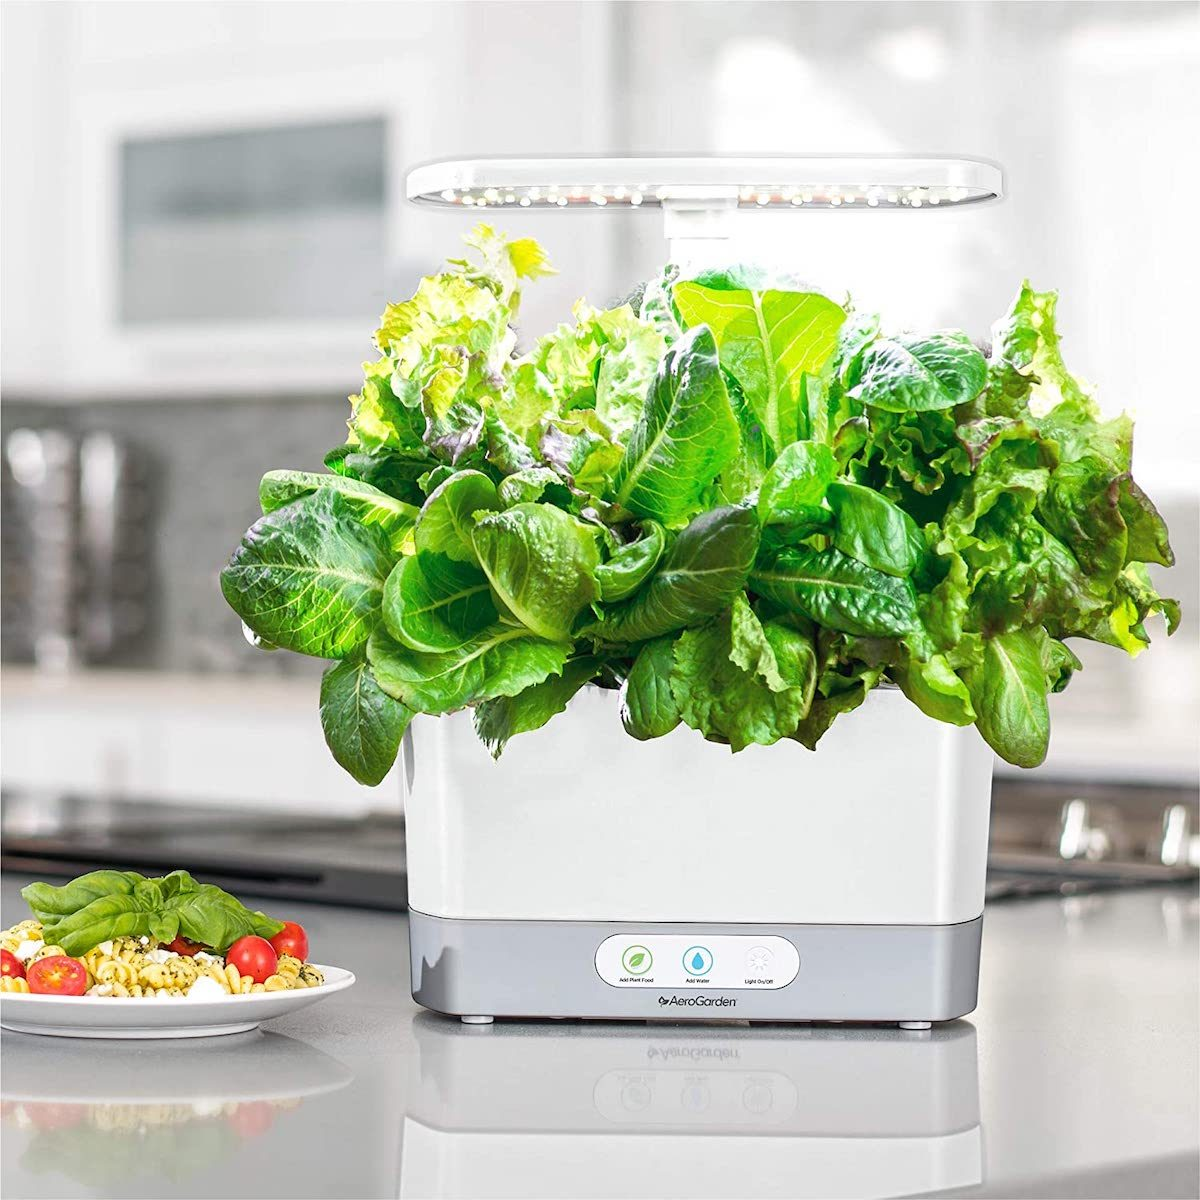 aerogarden salad kit